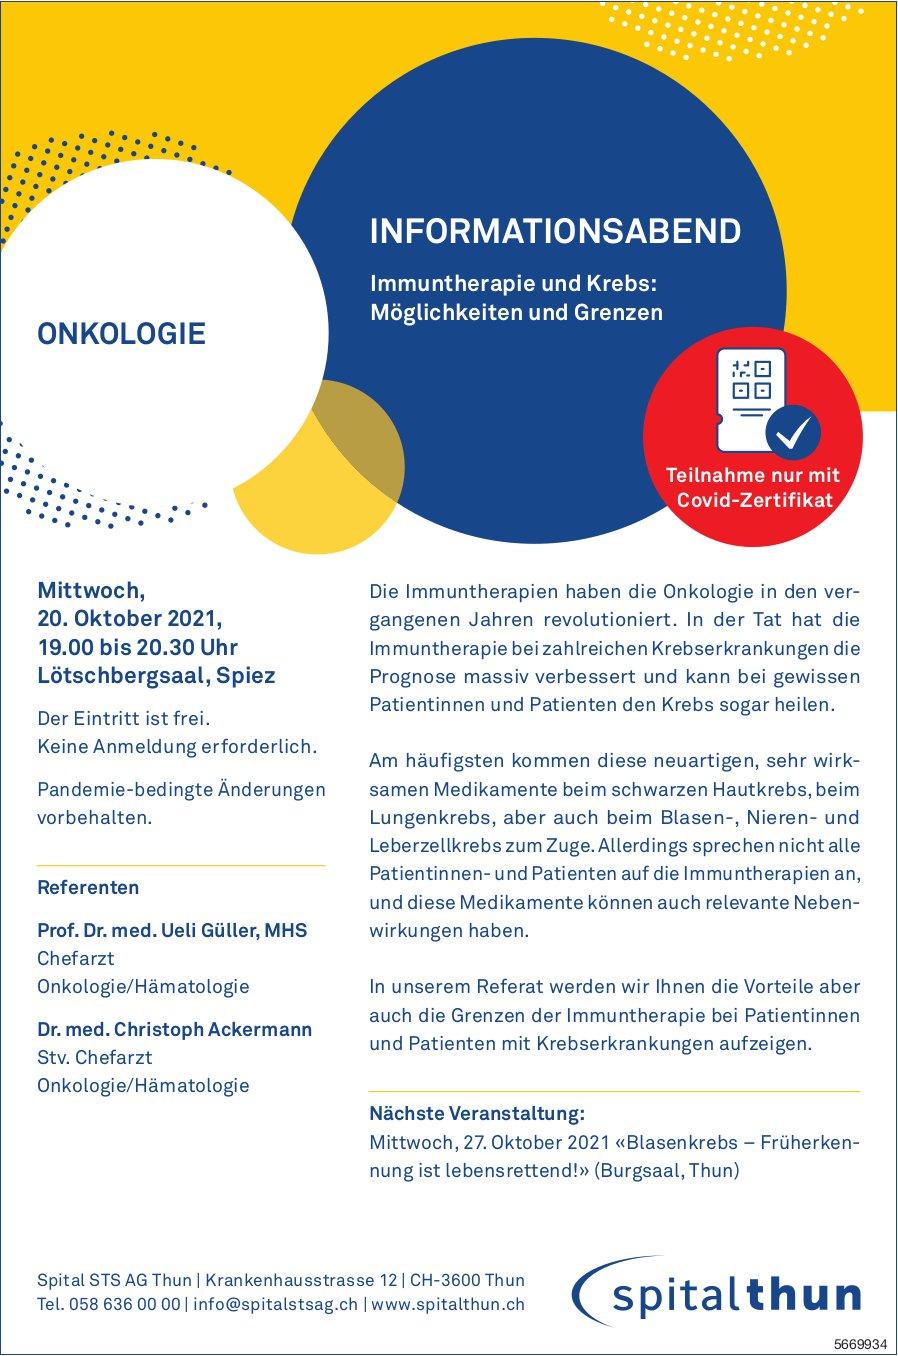 Informationsabend Immuntherapie und Krebs: Möglichkeiten und Grenzen, Spital STS AG, 20. Oktober, Thun